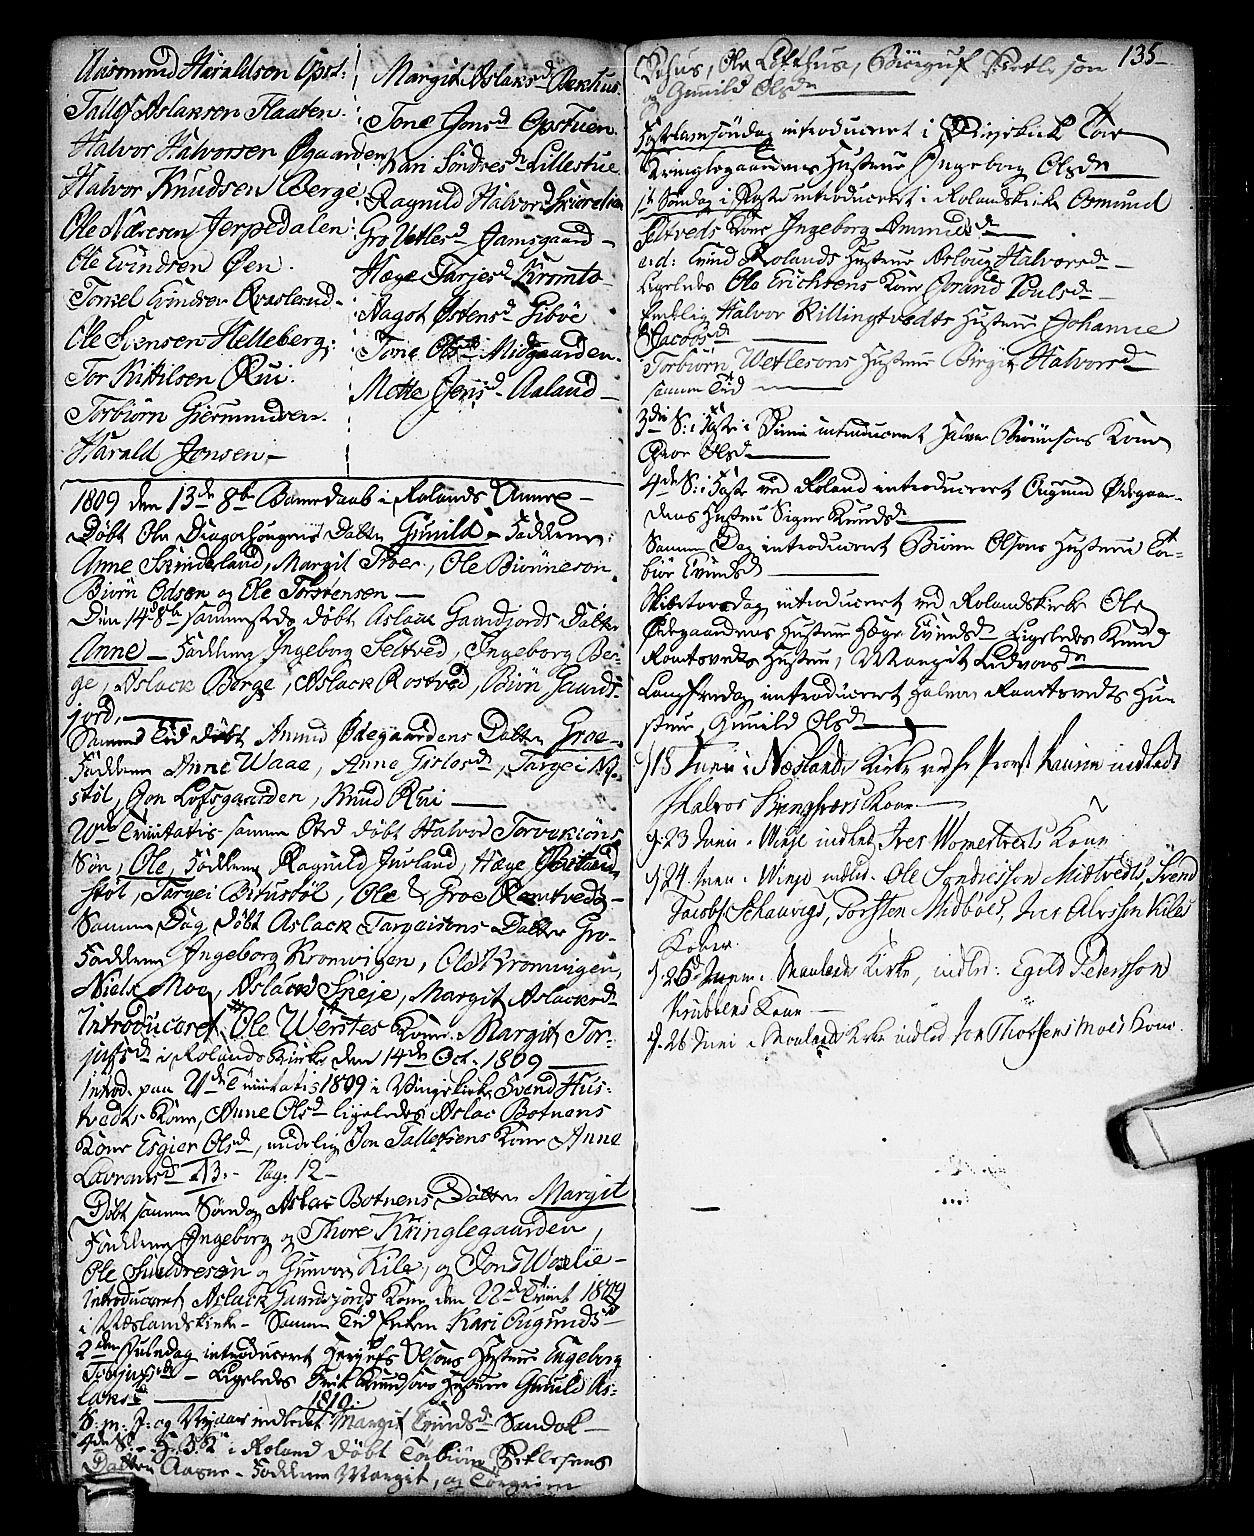 SAKO, Vinje kirkebøker, F/Fa/L0002: Ministerialbok nr. I 2, 1767-1814, s. 135